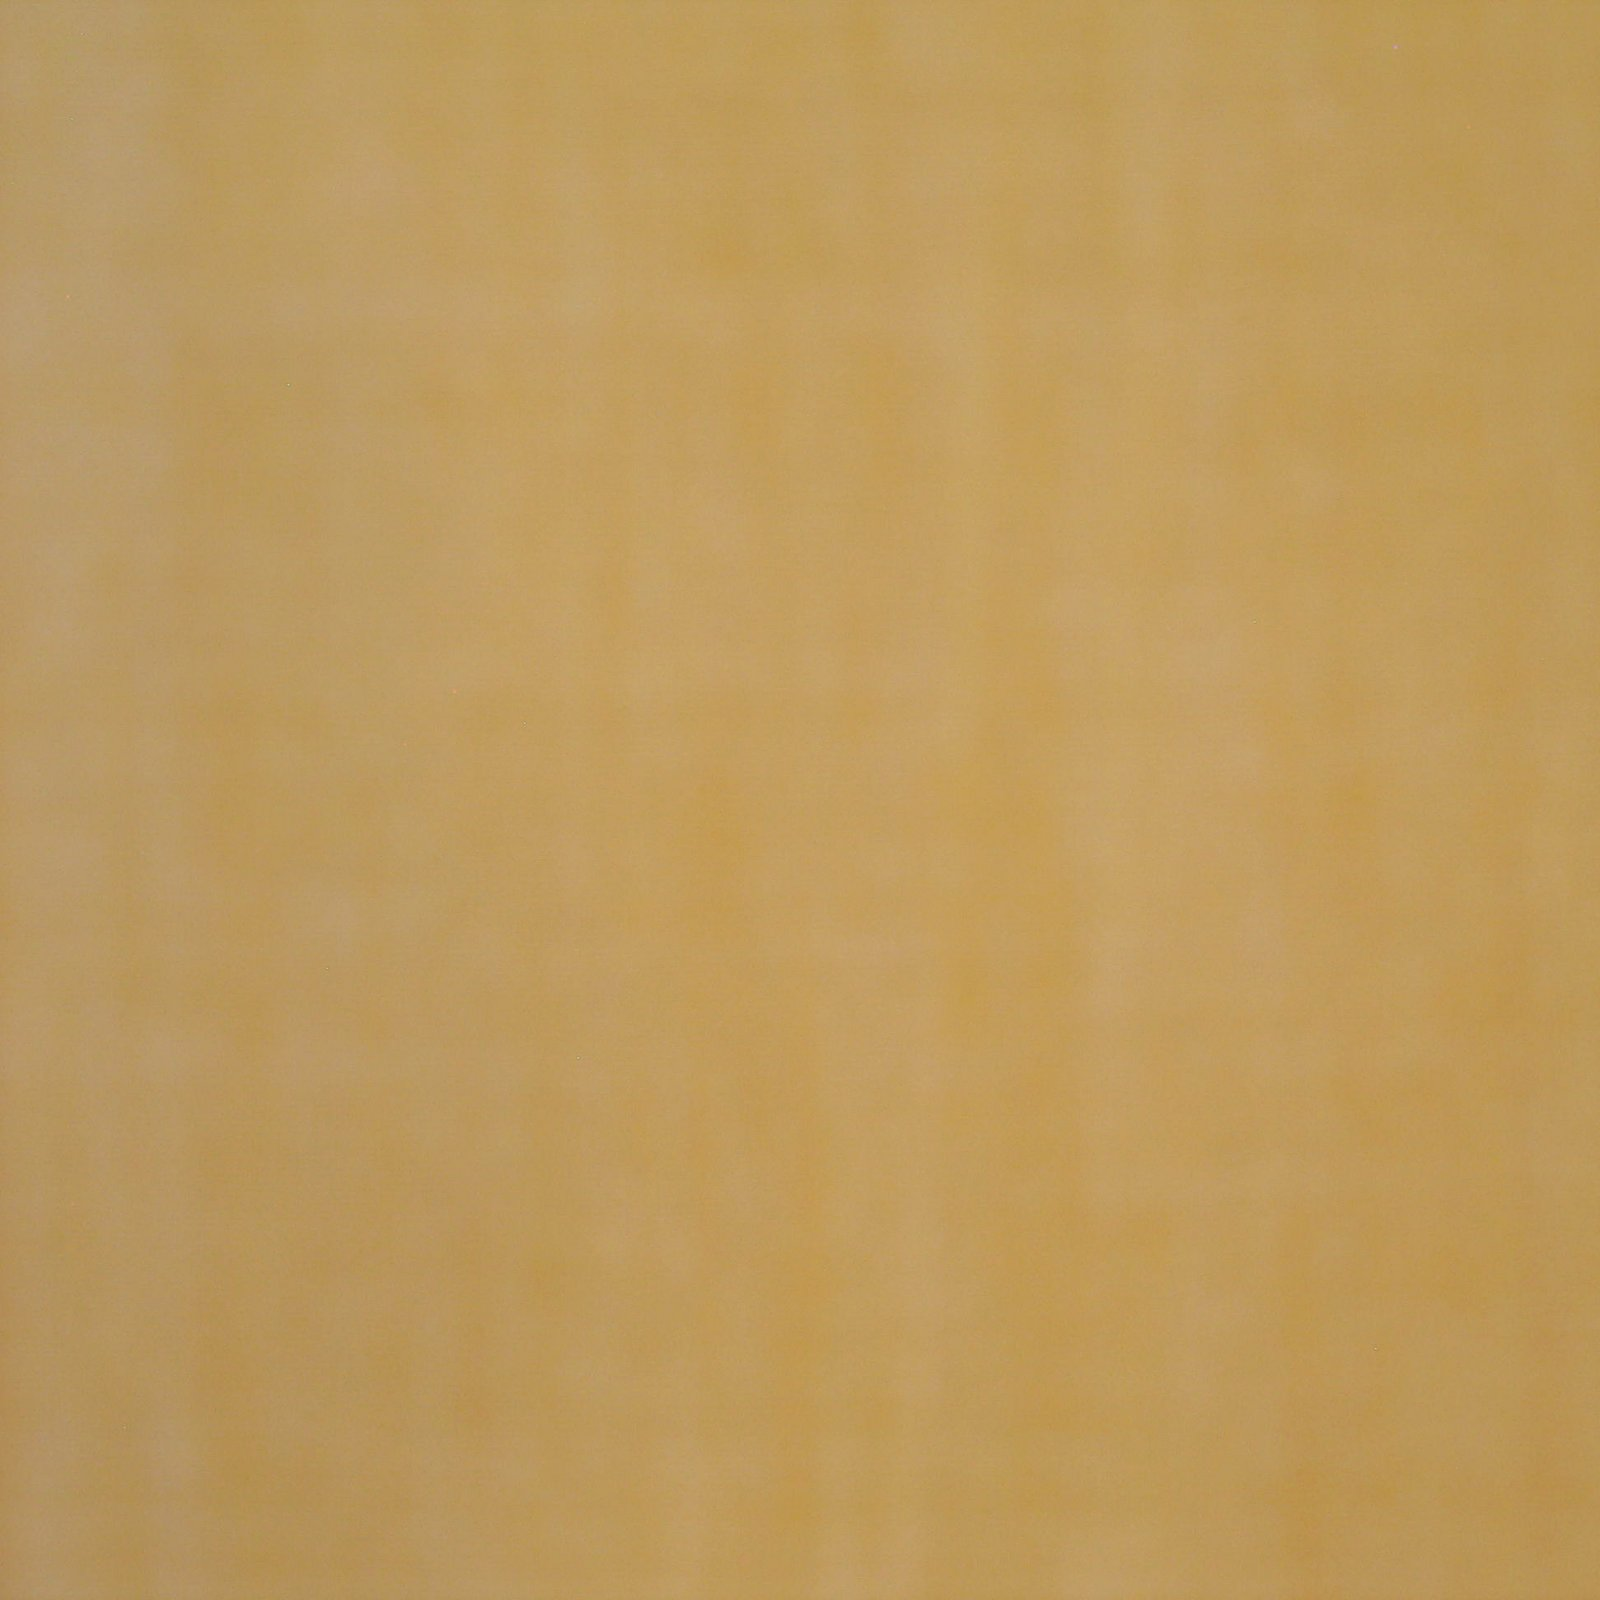 Oakshott Plain Shot Cotton, Butter Yellow